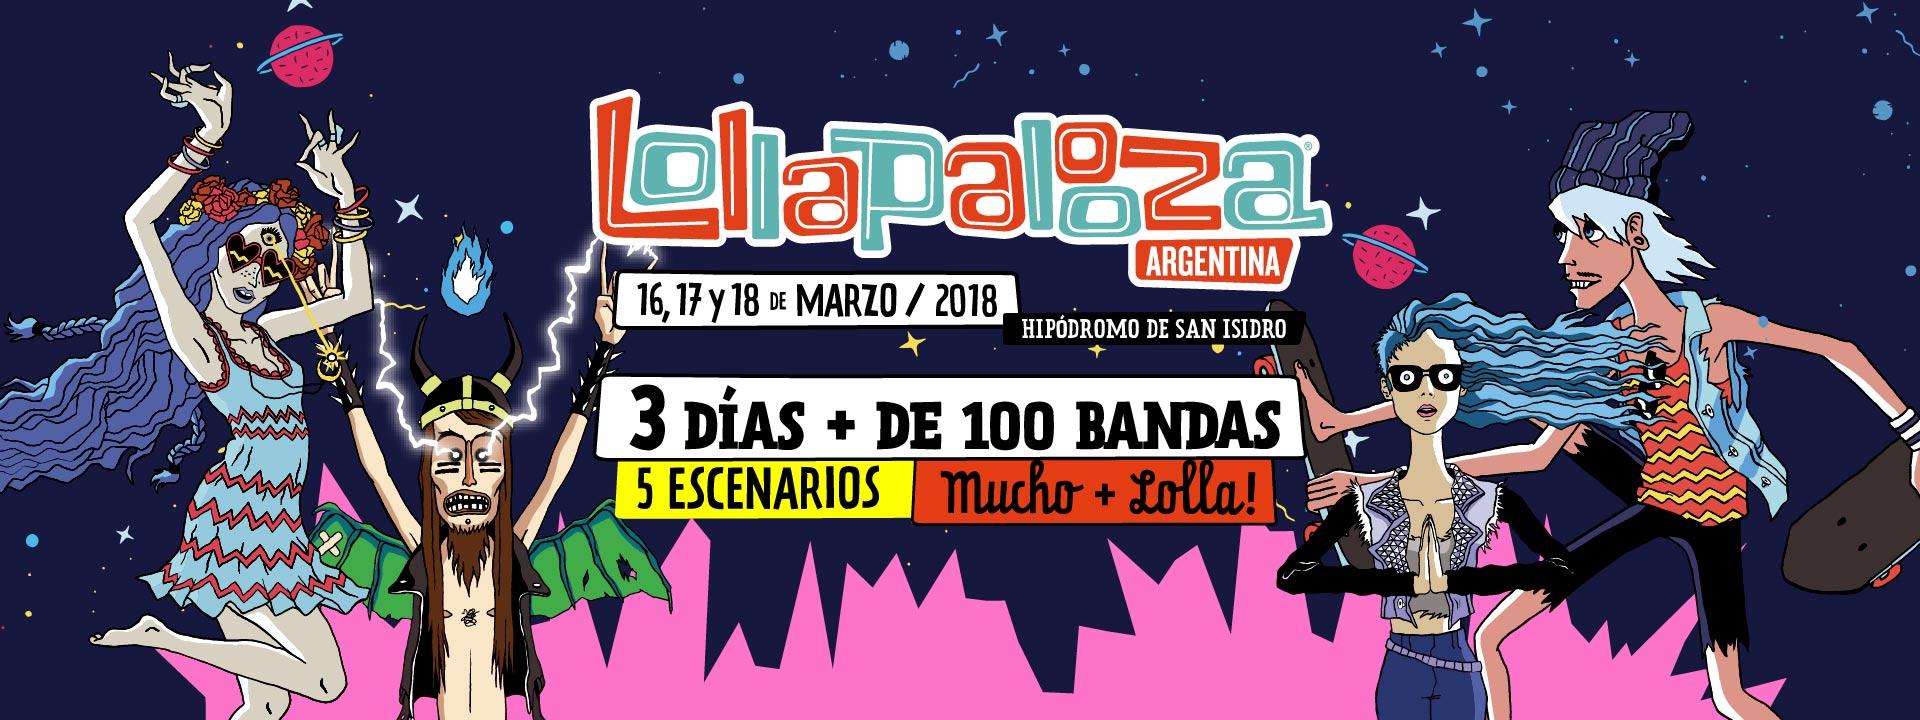 Estos serán los sideshows del Lollapalooza